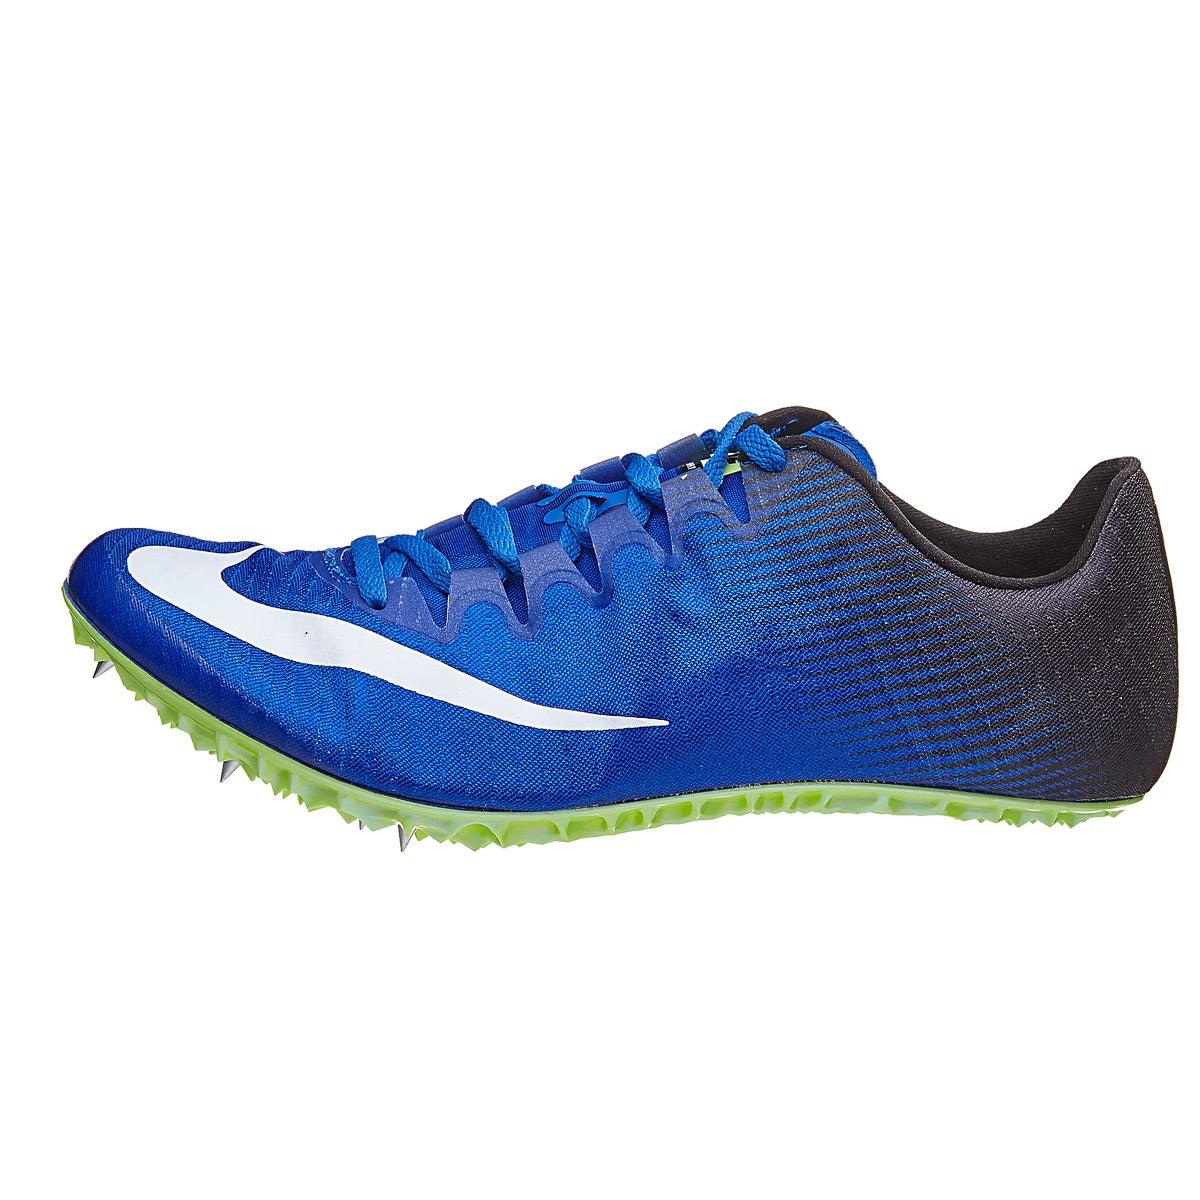 Mens Football Cleats Nikecom